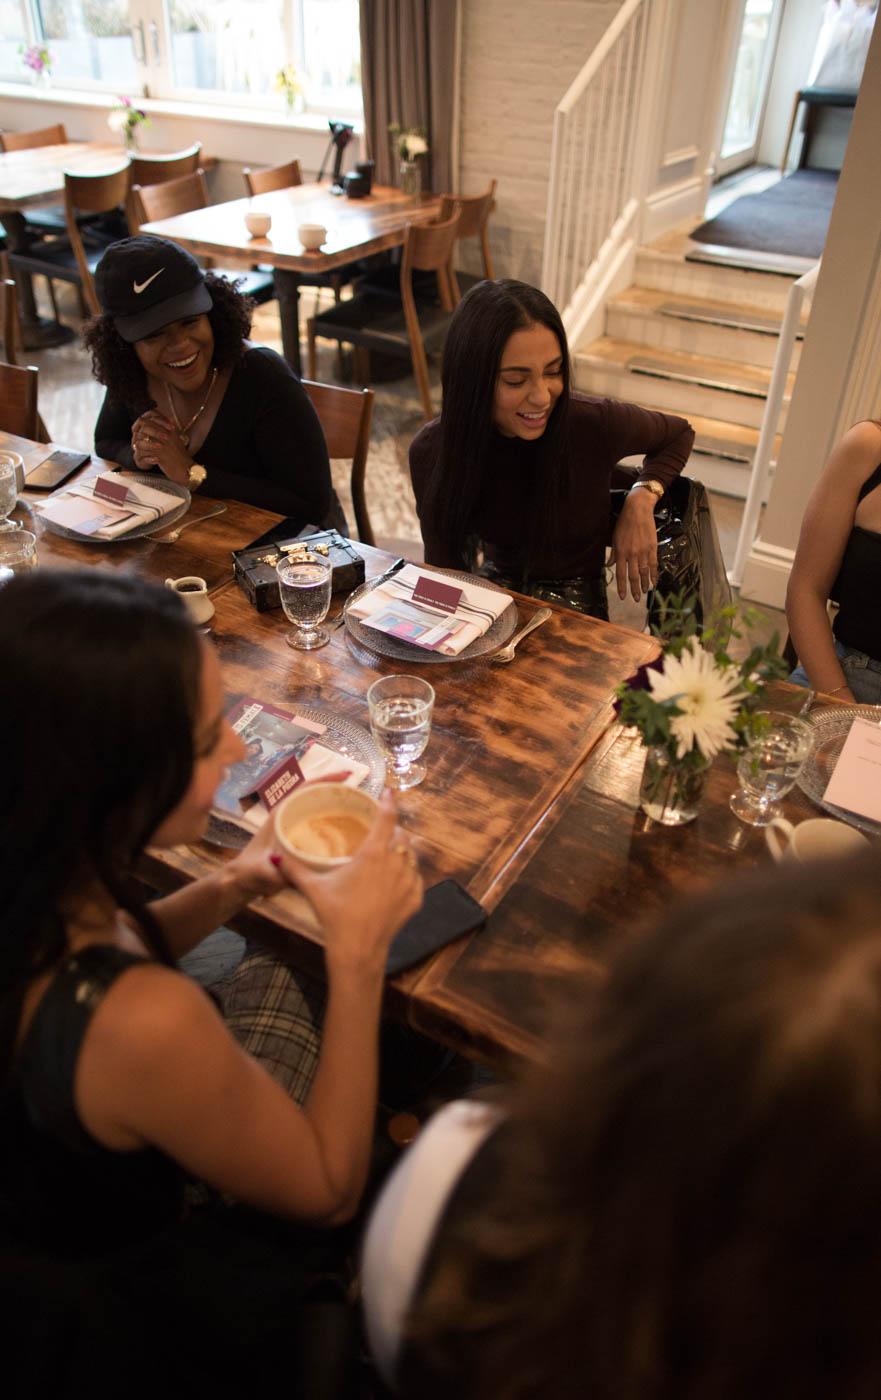 20180112 - Force Breakfast at Little Goat Diner - Influencers -104.jpg